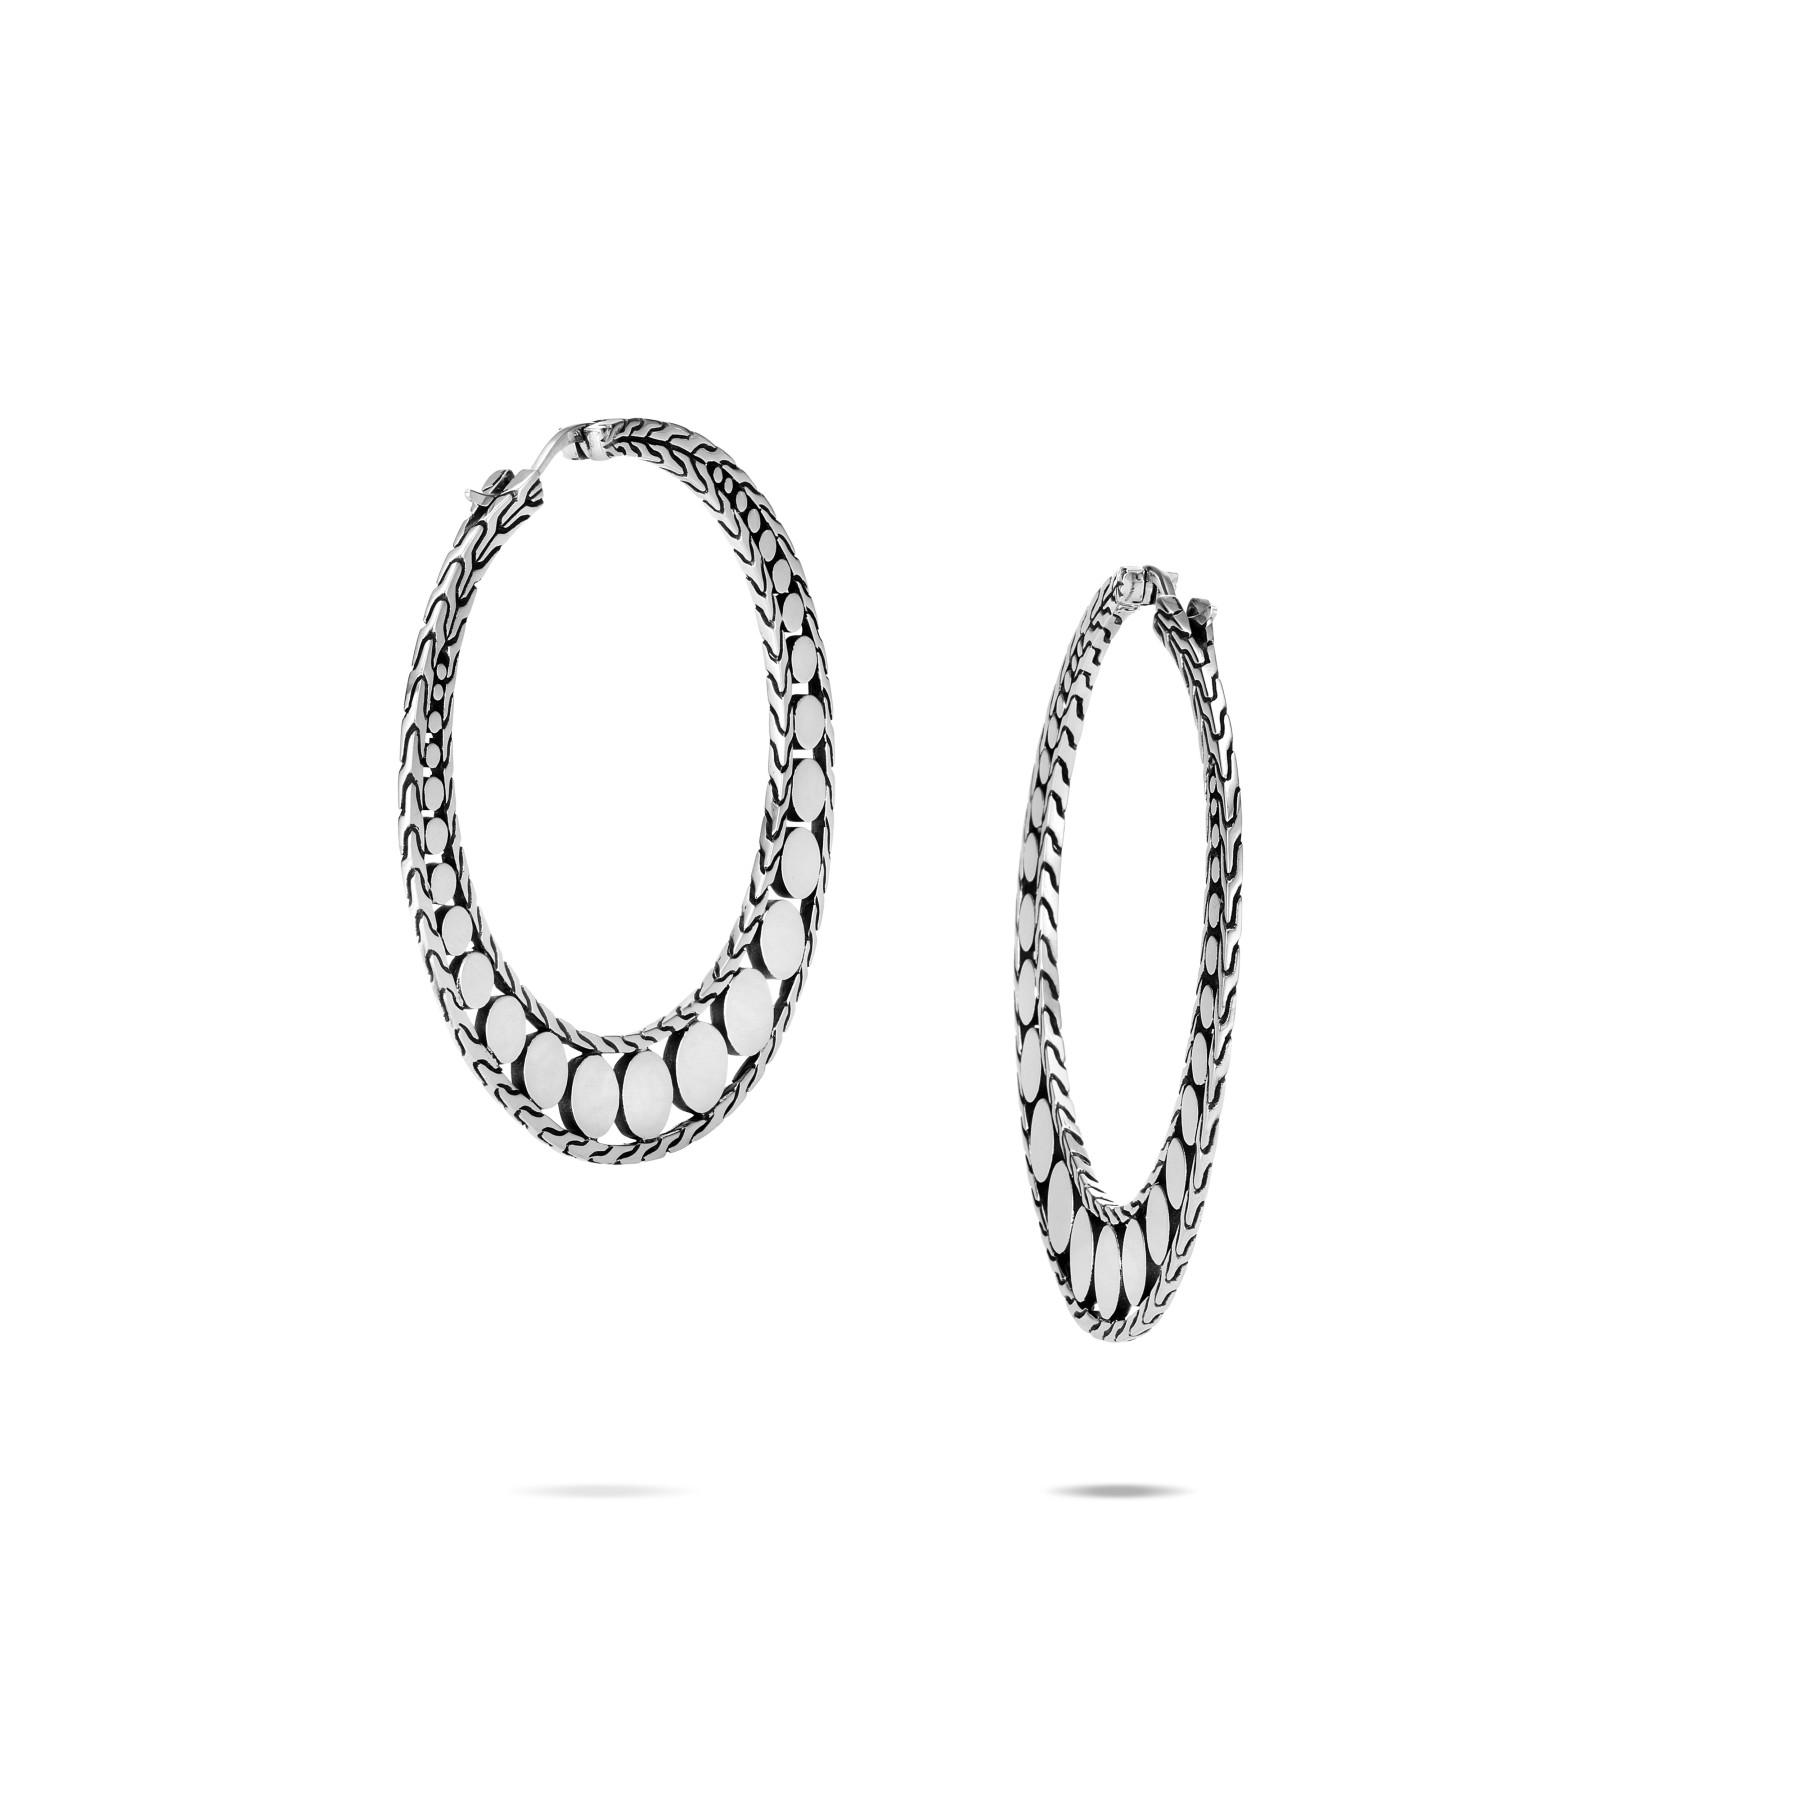 John Hardy Dot Silver Hoop Earrings - 34mm back view